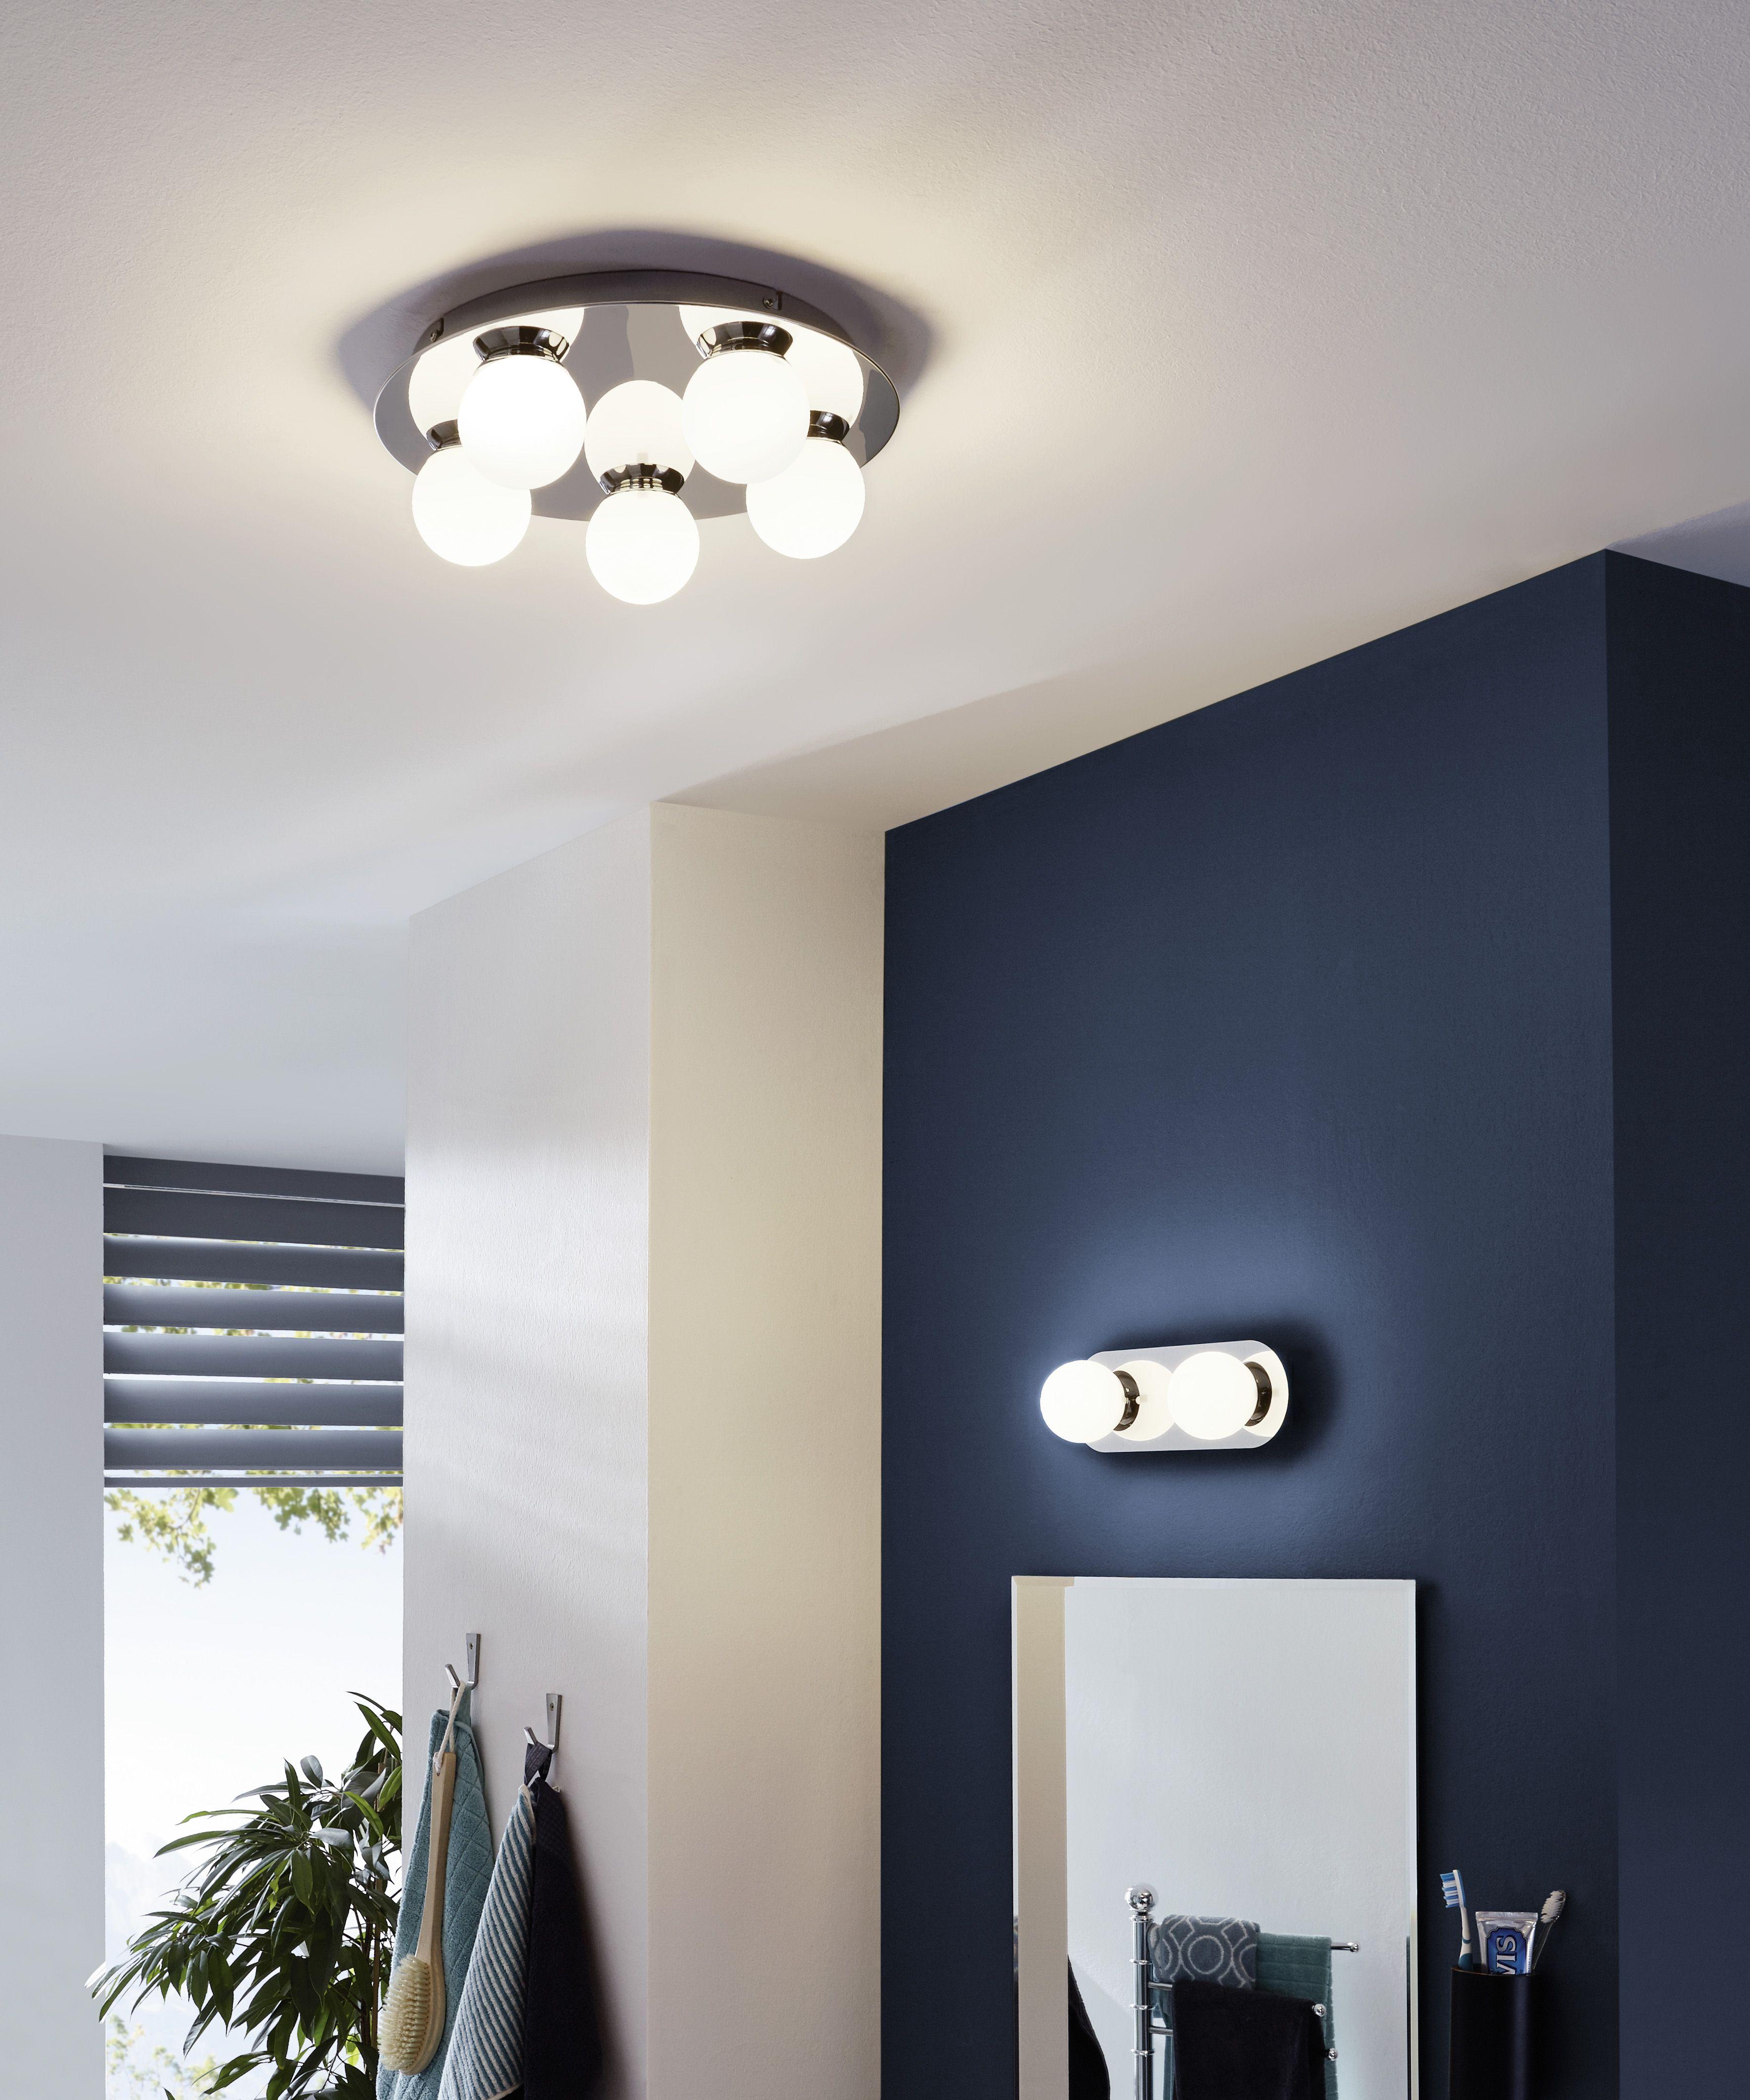 Eglo Lighting Mosiano Led Polished Chrome Bathroom 5 Lamp Round